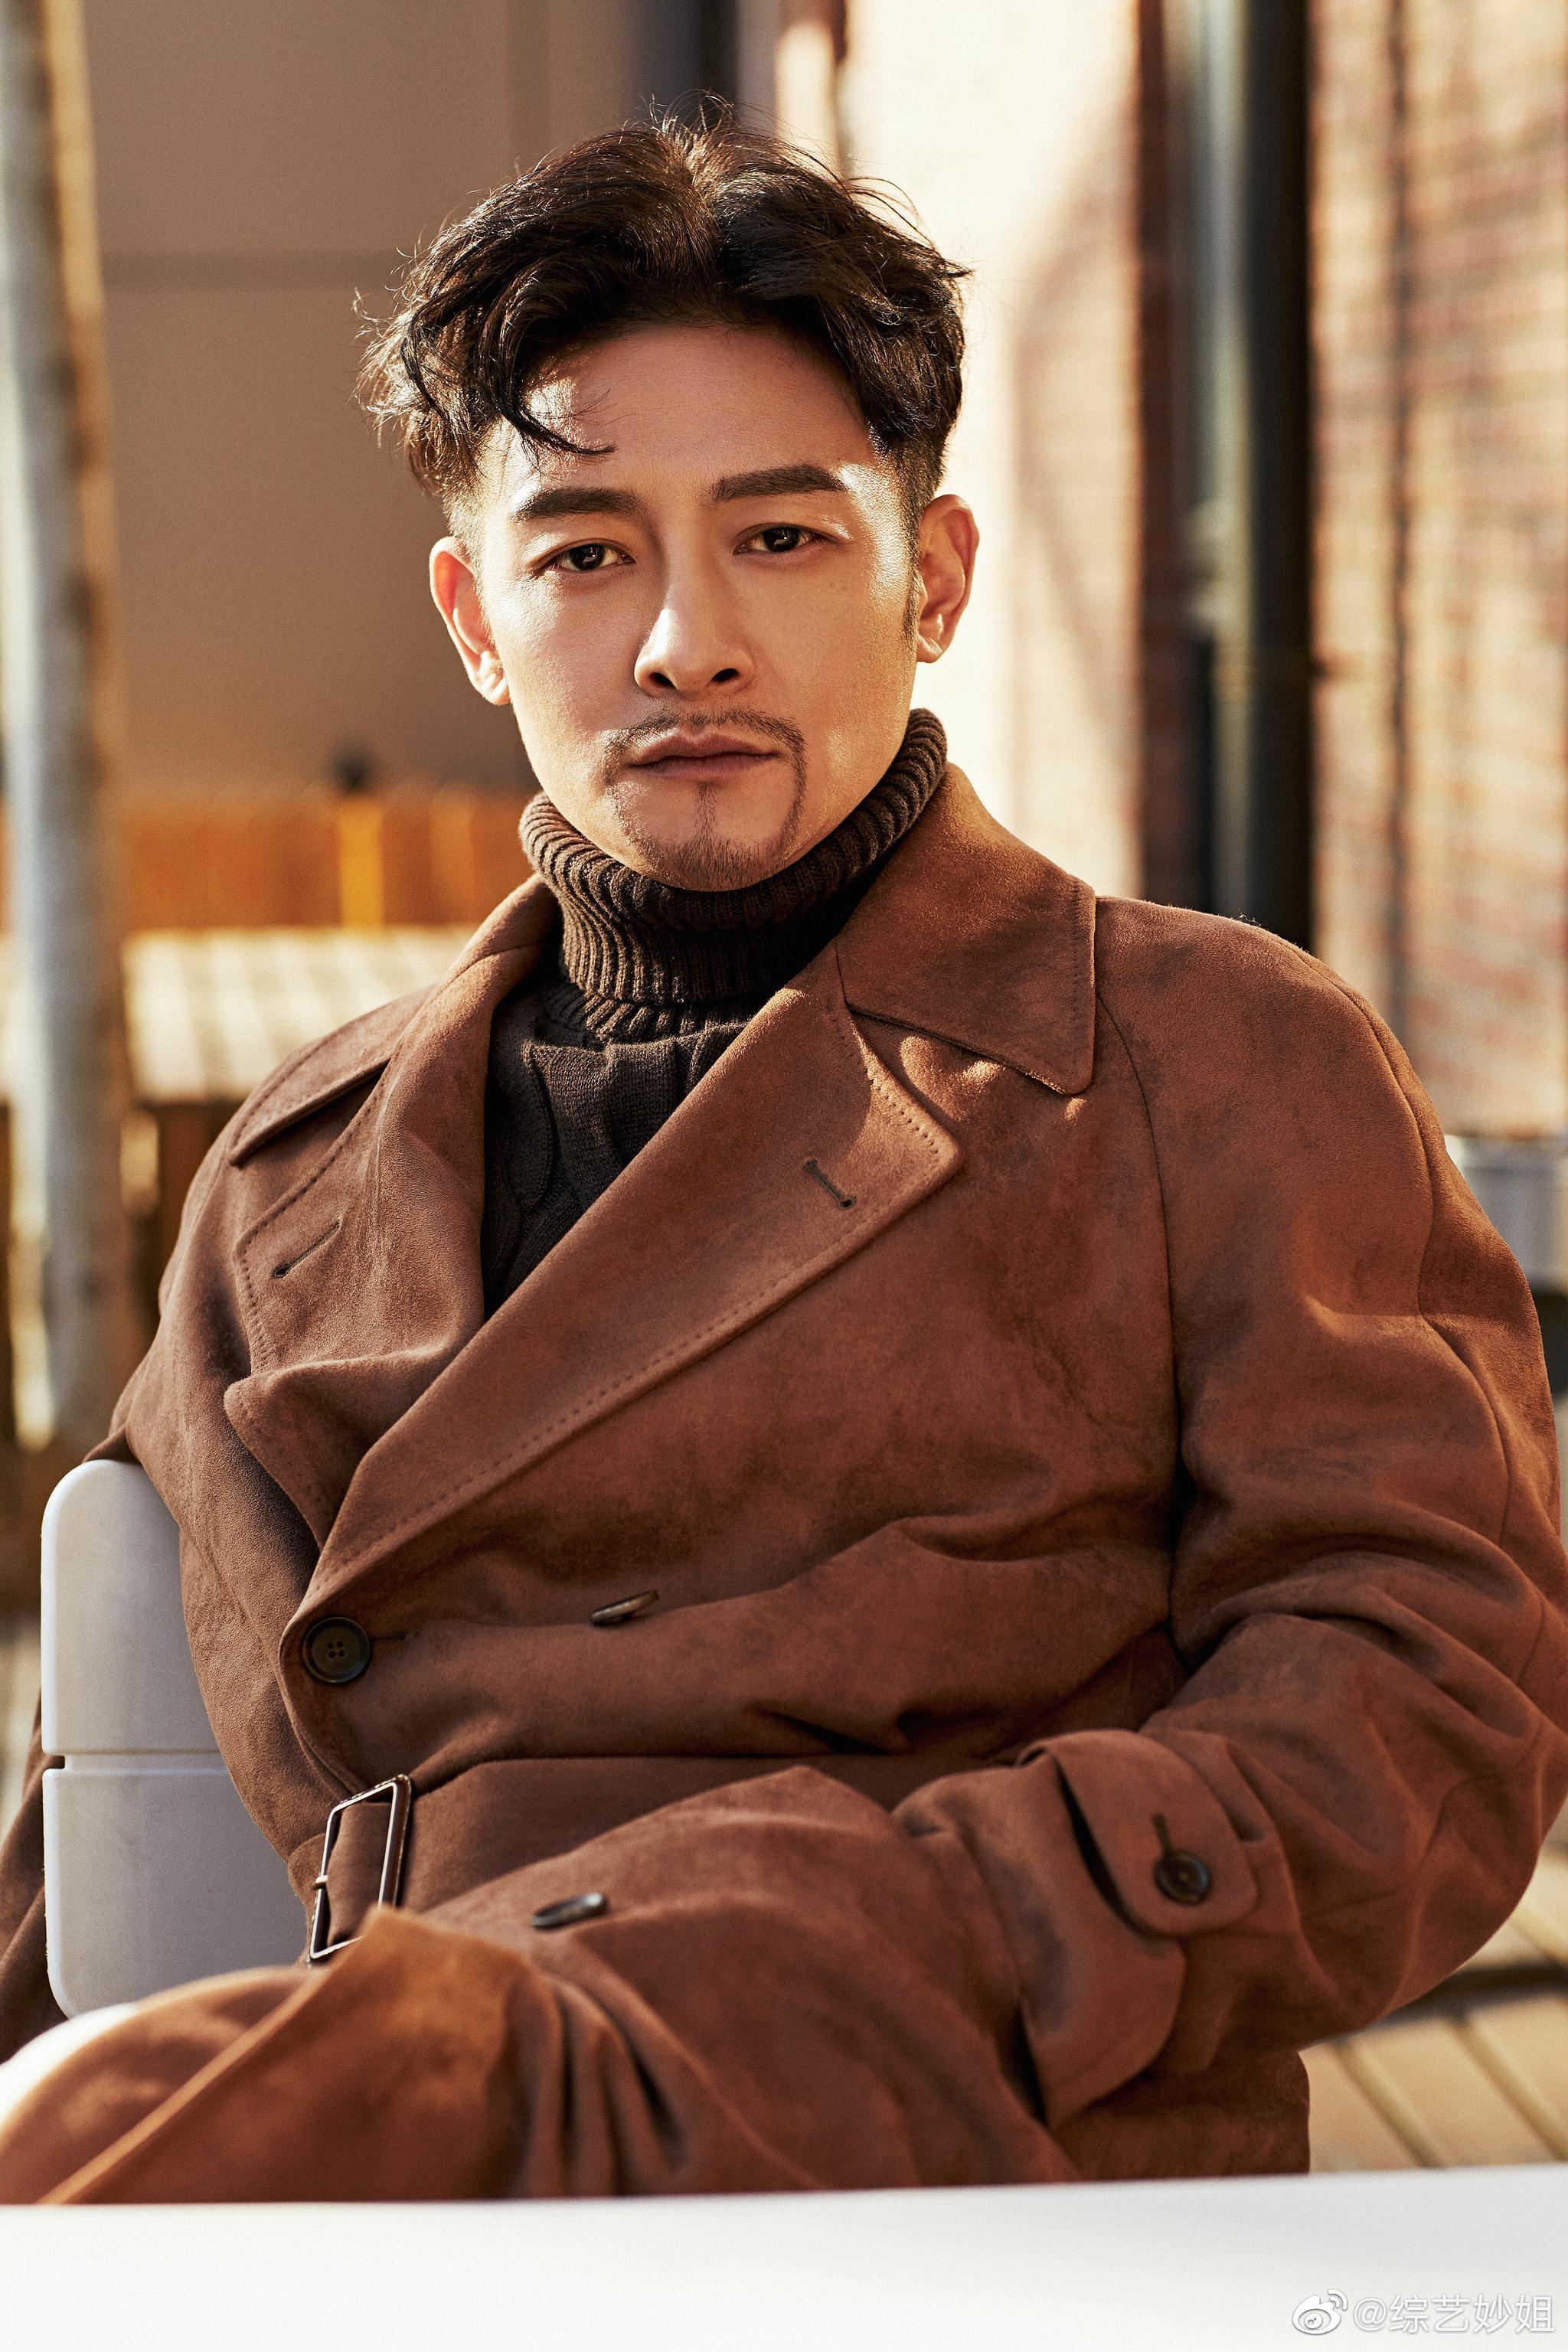 金教练的扮演者@夏铭浩 最新写真曝光,深咖色风衣搭配黑色高领毛衣